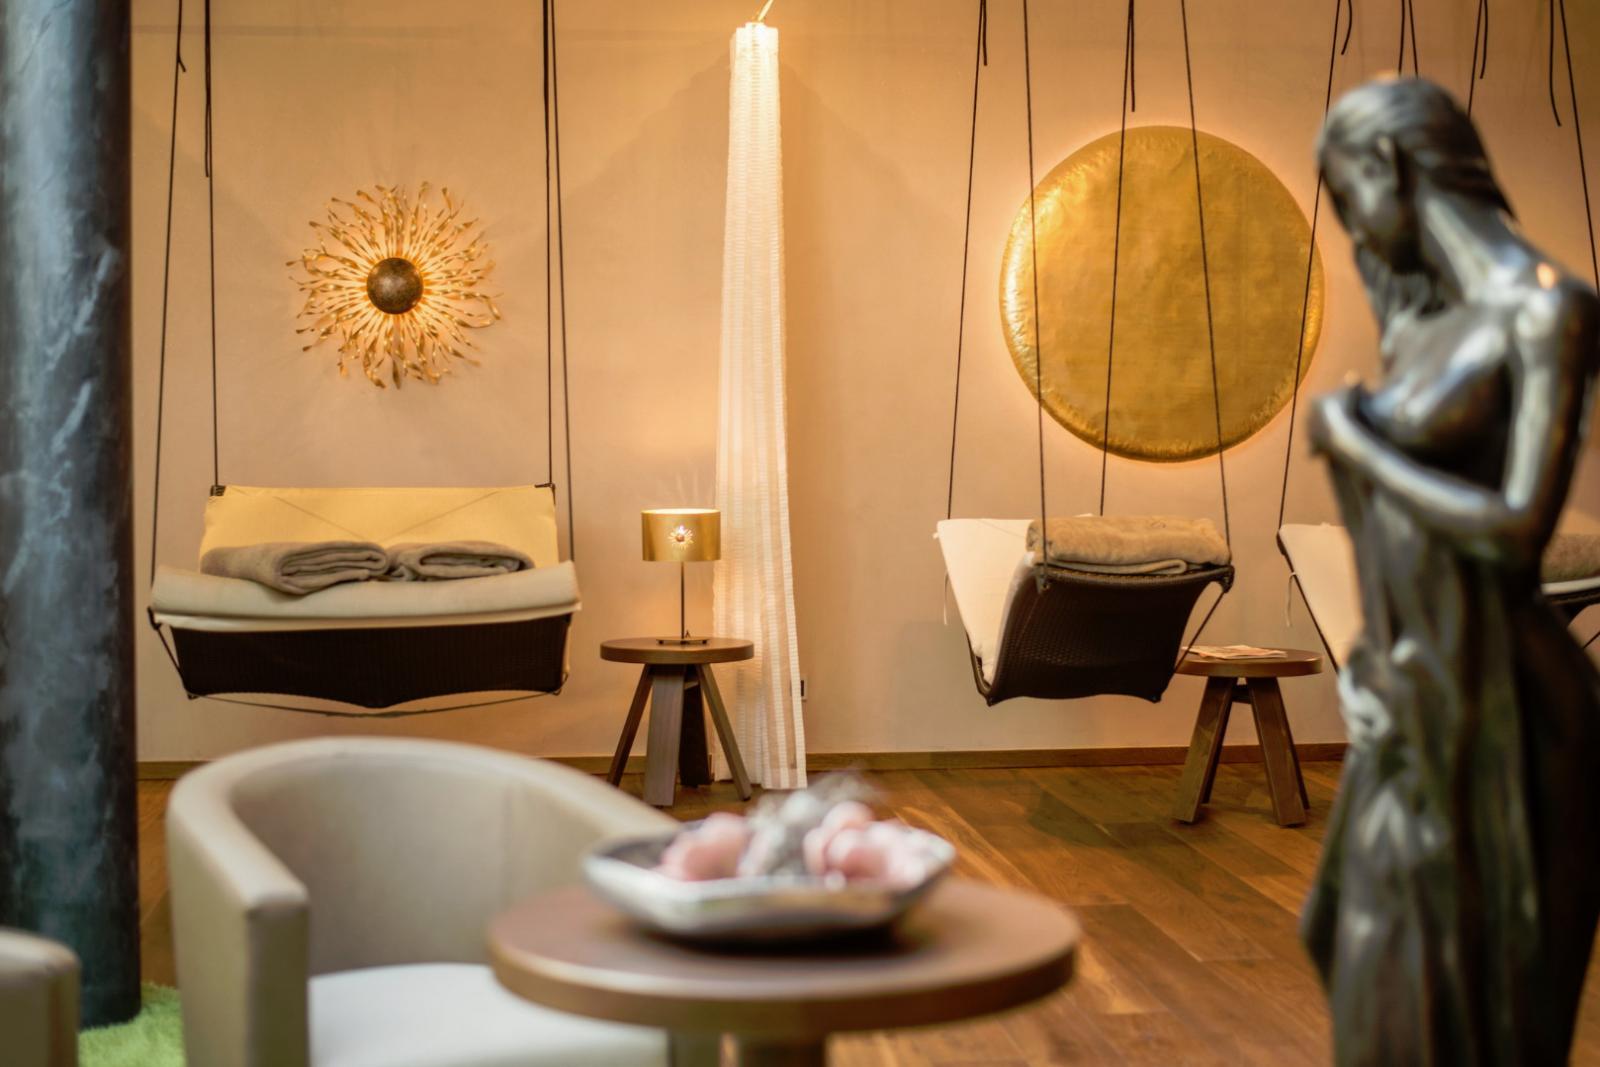 g bel s schlosshotel prinz von hessen friedewald. Black Bedroom Furniture Sets. Home Design Ideas